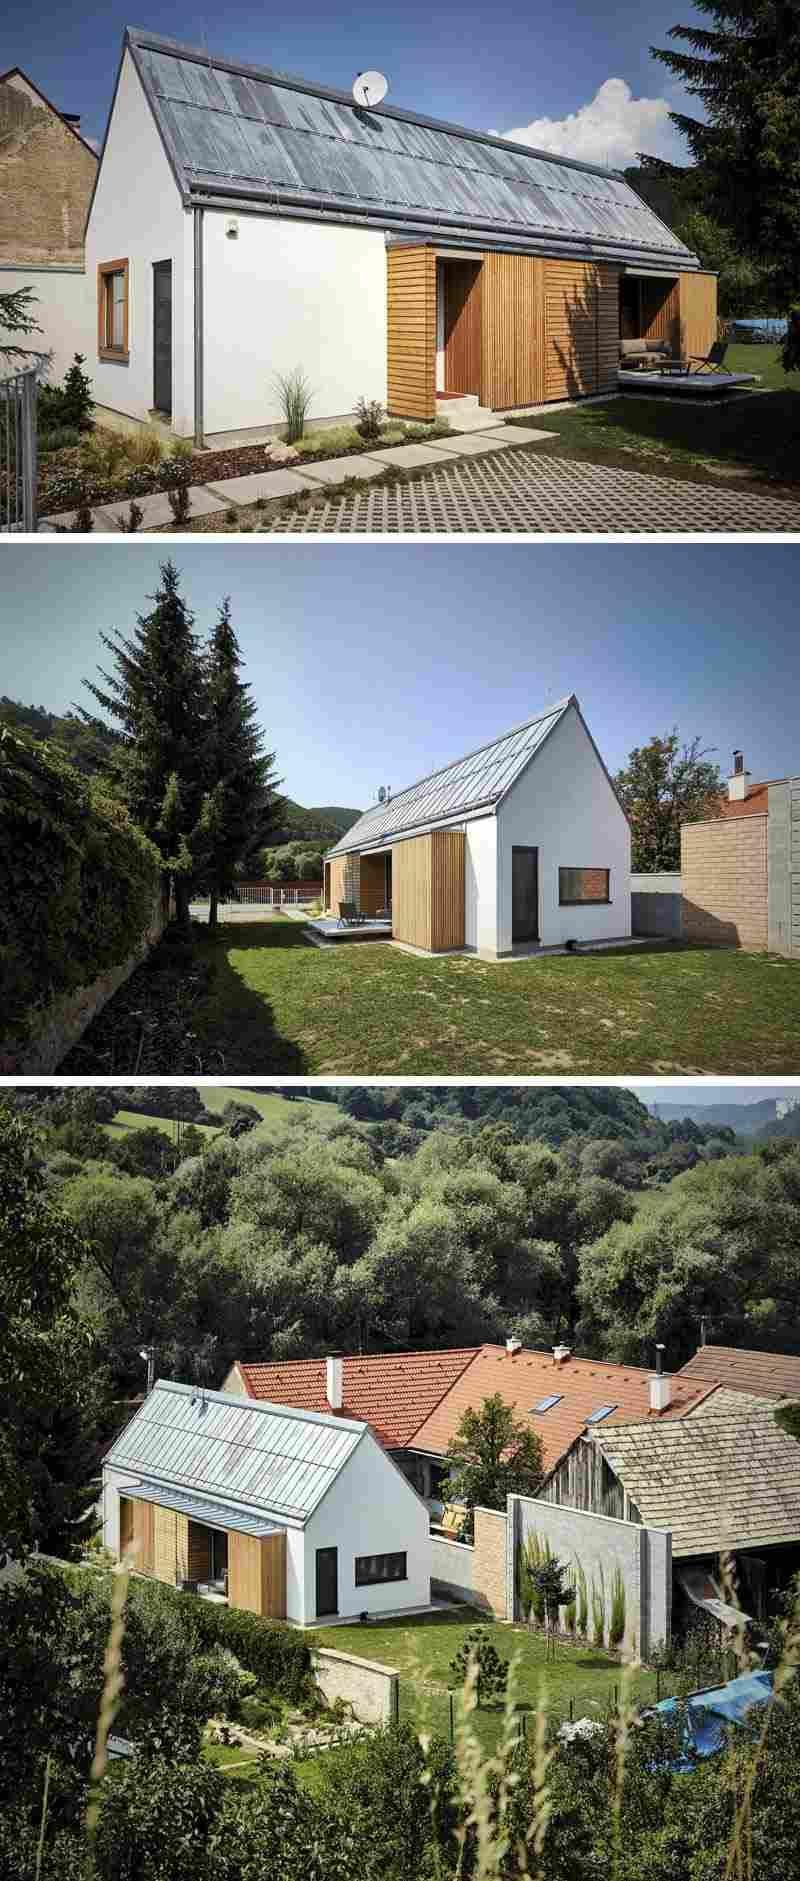 façade de maison design en blanc neige, portes extérieures en bois ...